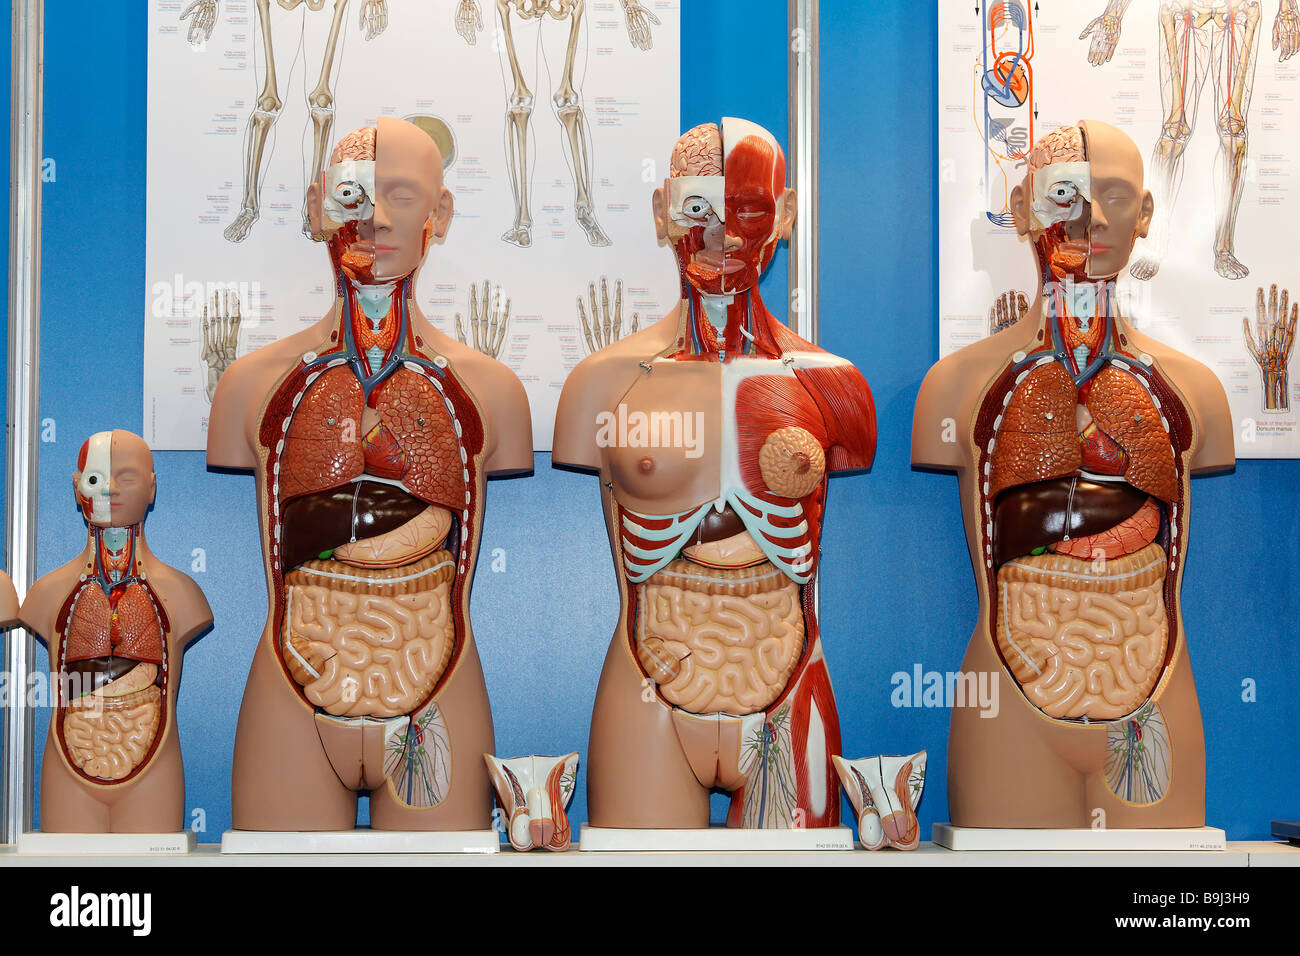 Torsi mit offenen Kopf und Oberkörper, anatomische Modelle der Firma Erler-Zimmer, Medica 2008, weltweit größter Stockbild